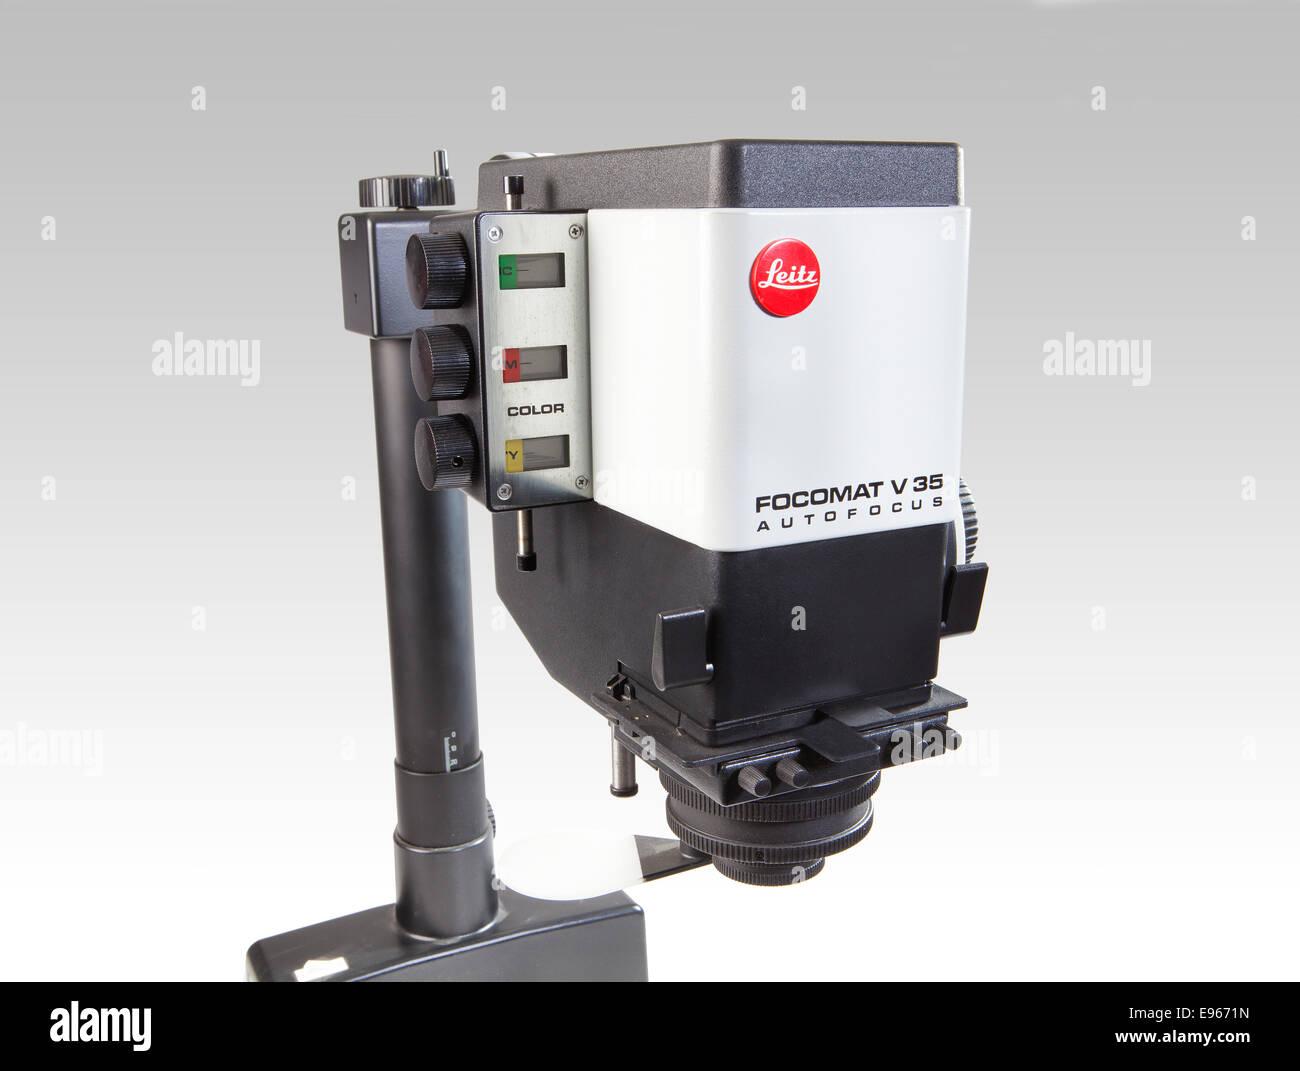 Agrandisseur photographique Leica Focomat V-35, de l'agrandisseur Leitz Focomat V Autofocus 35 Photo Stock